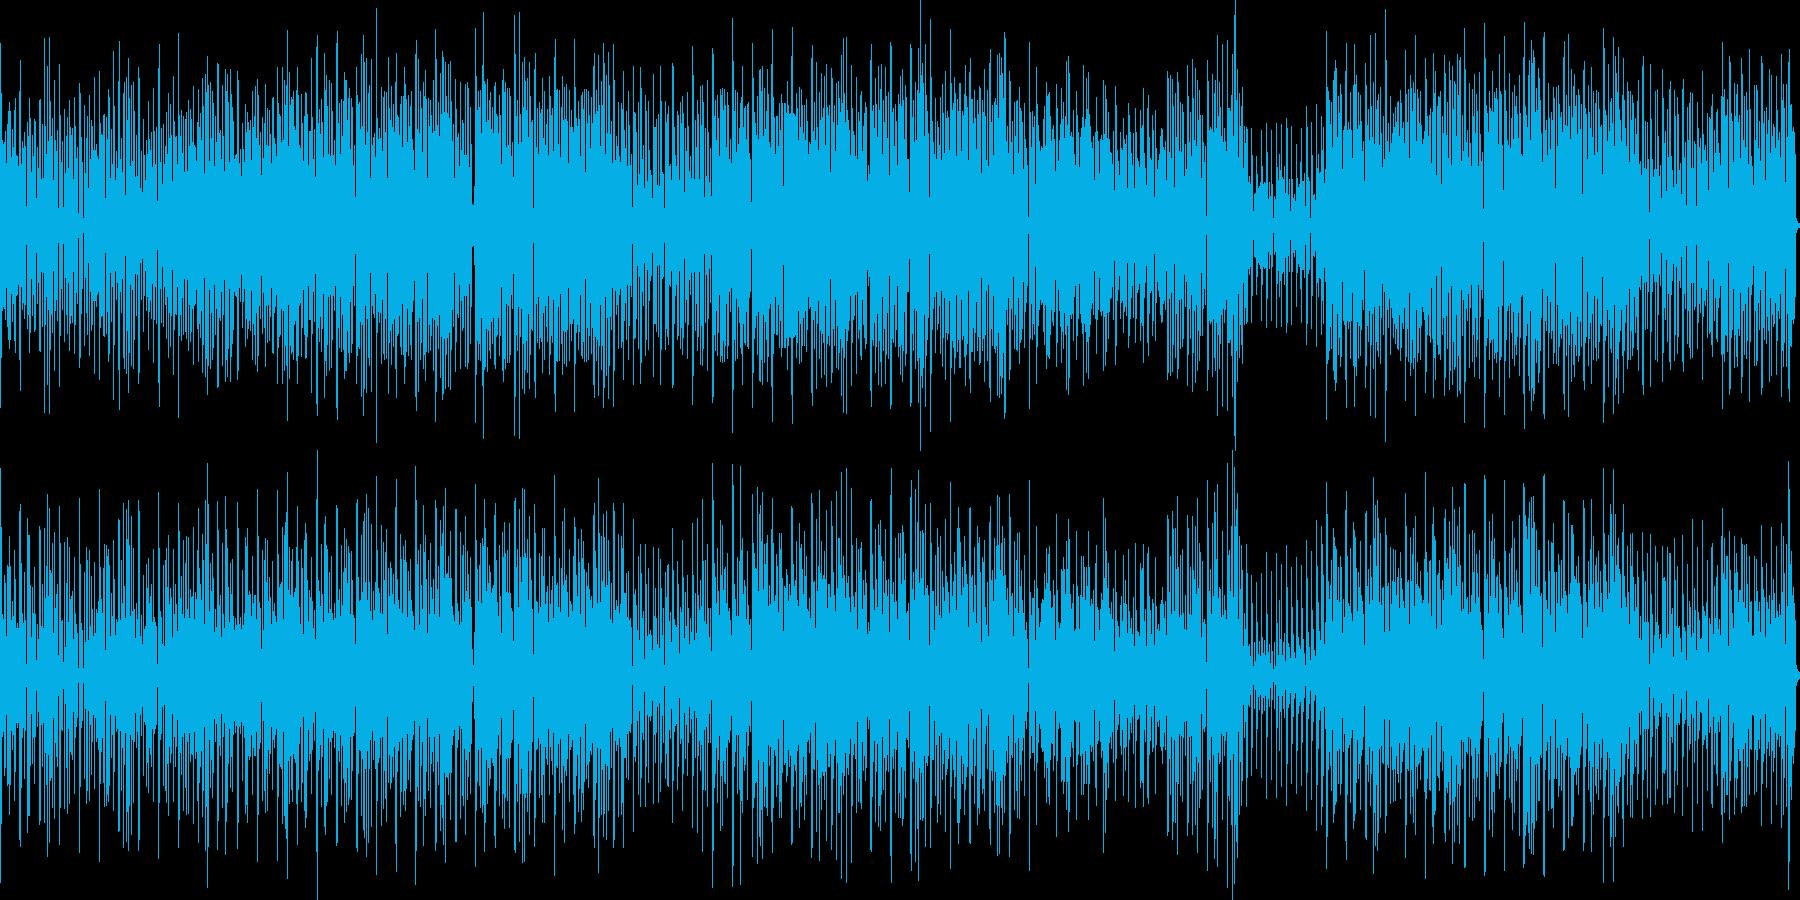 トランペットが歌う明るいエレクトロポップの再生済みの波形